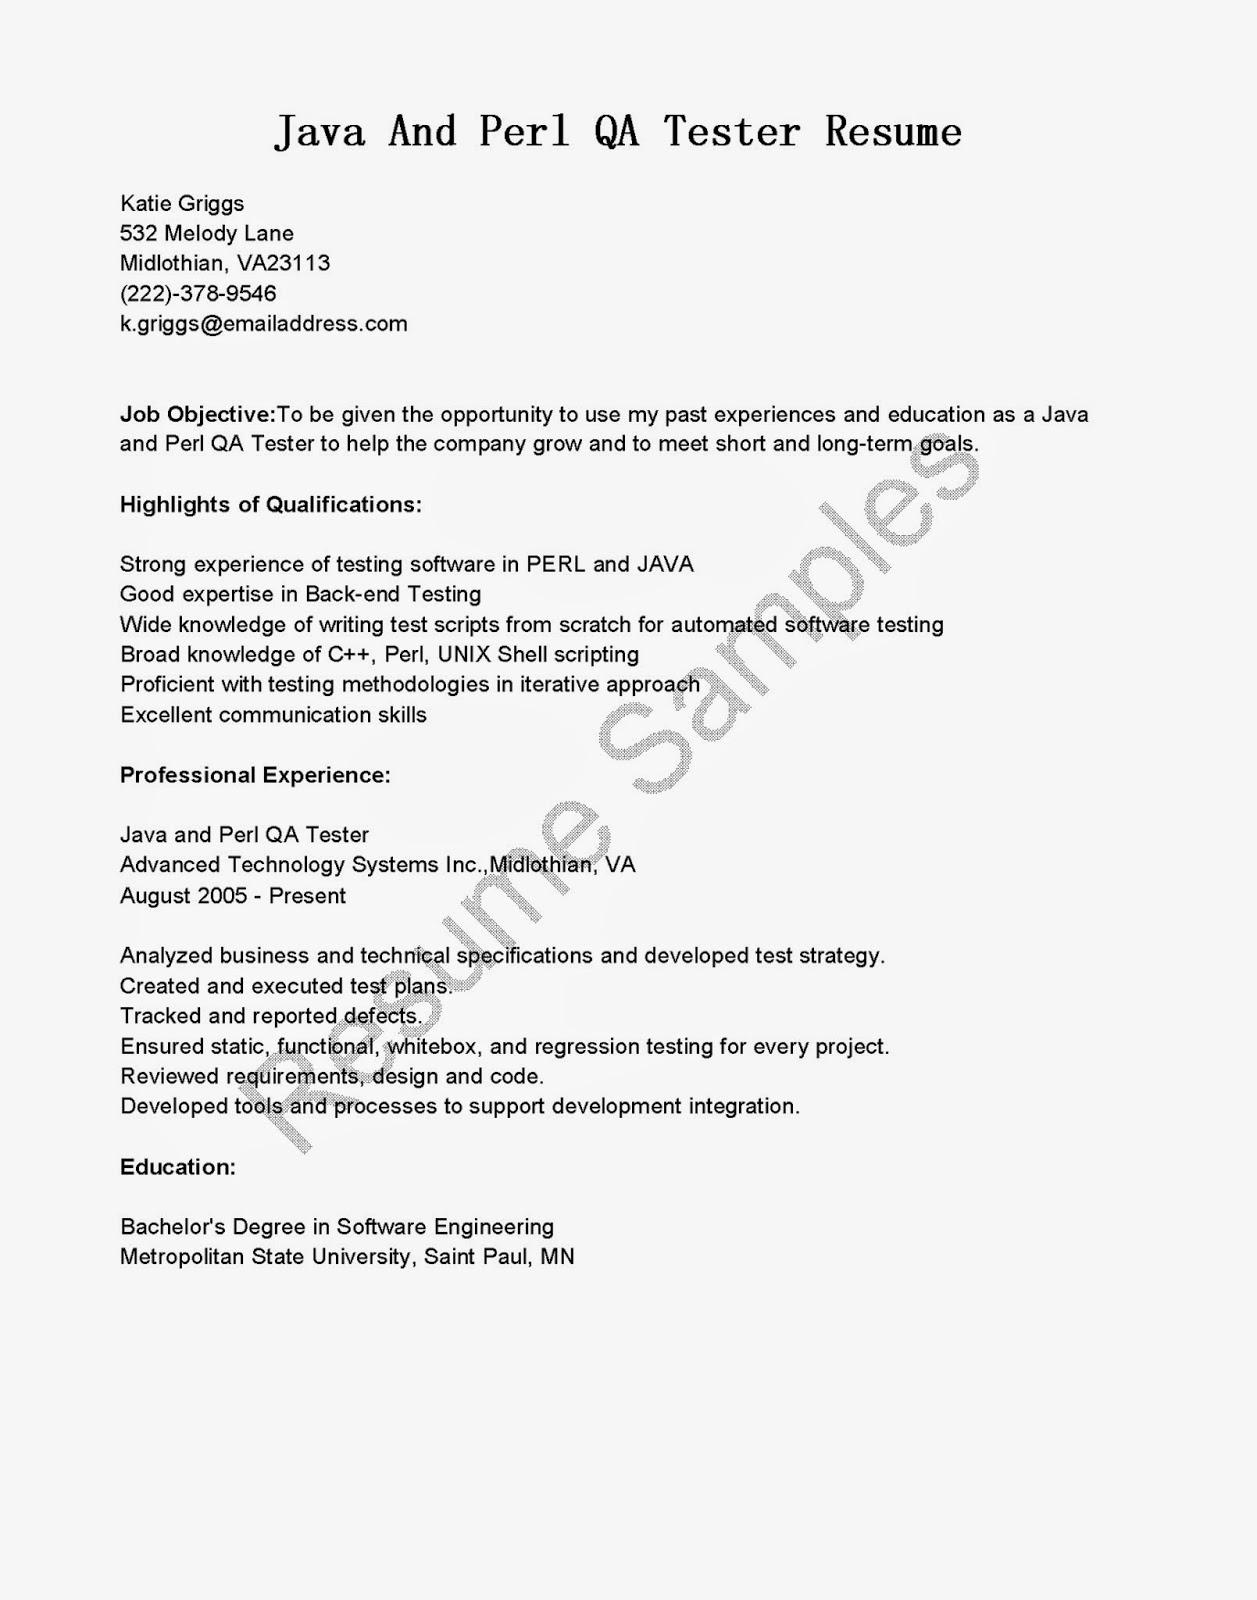 qa game tester cover letter - Bismi.margarethaydon.com